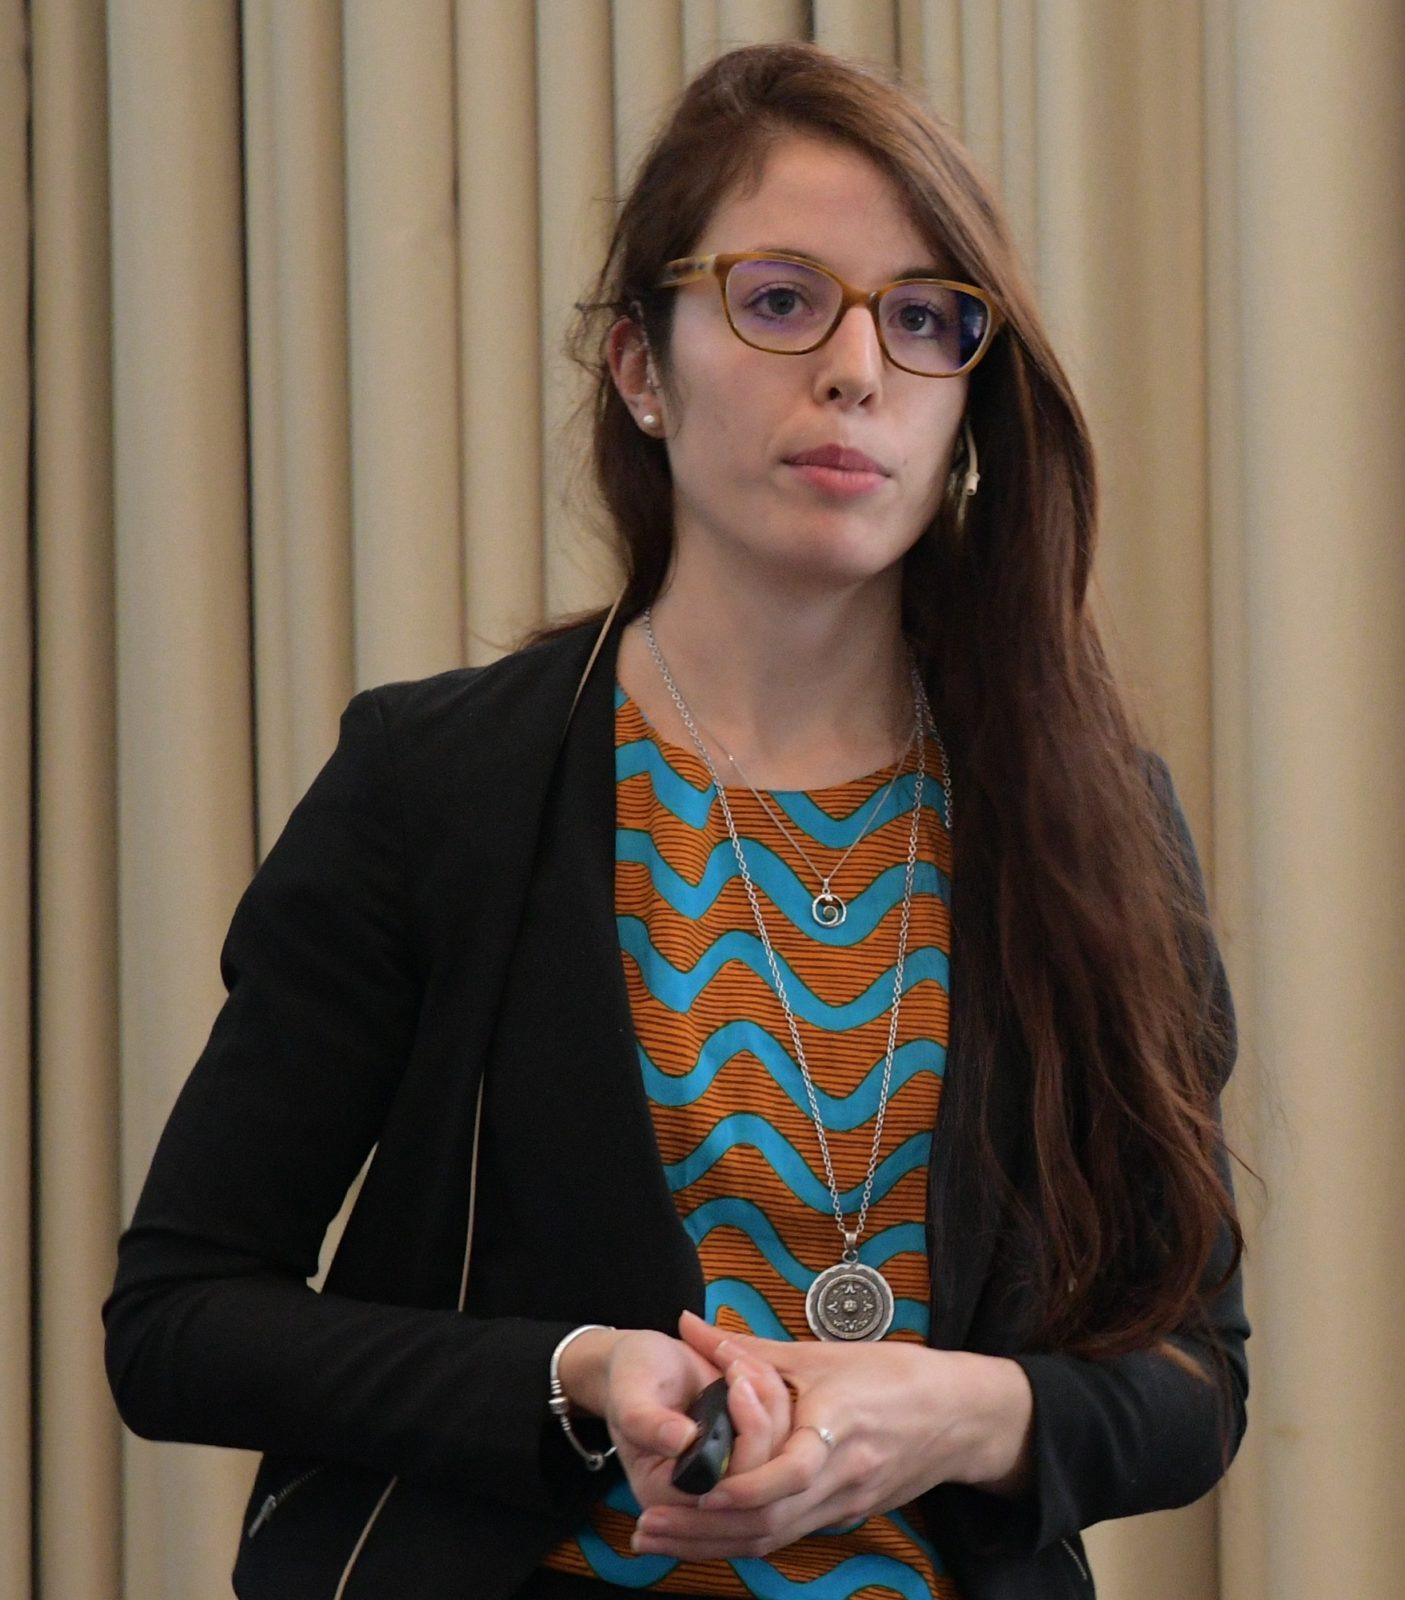 Cristina Antonini (ETHZ)